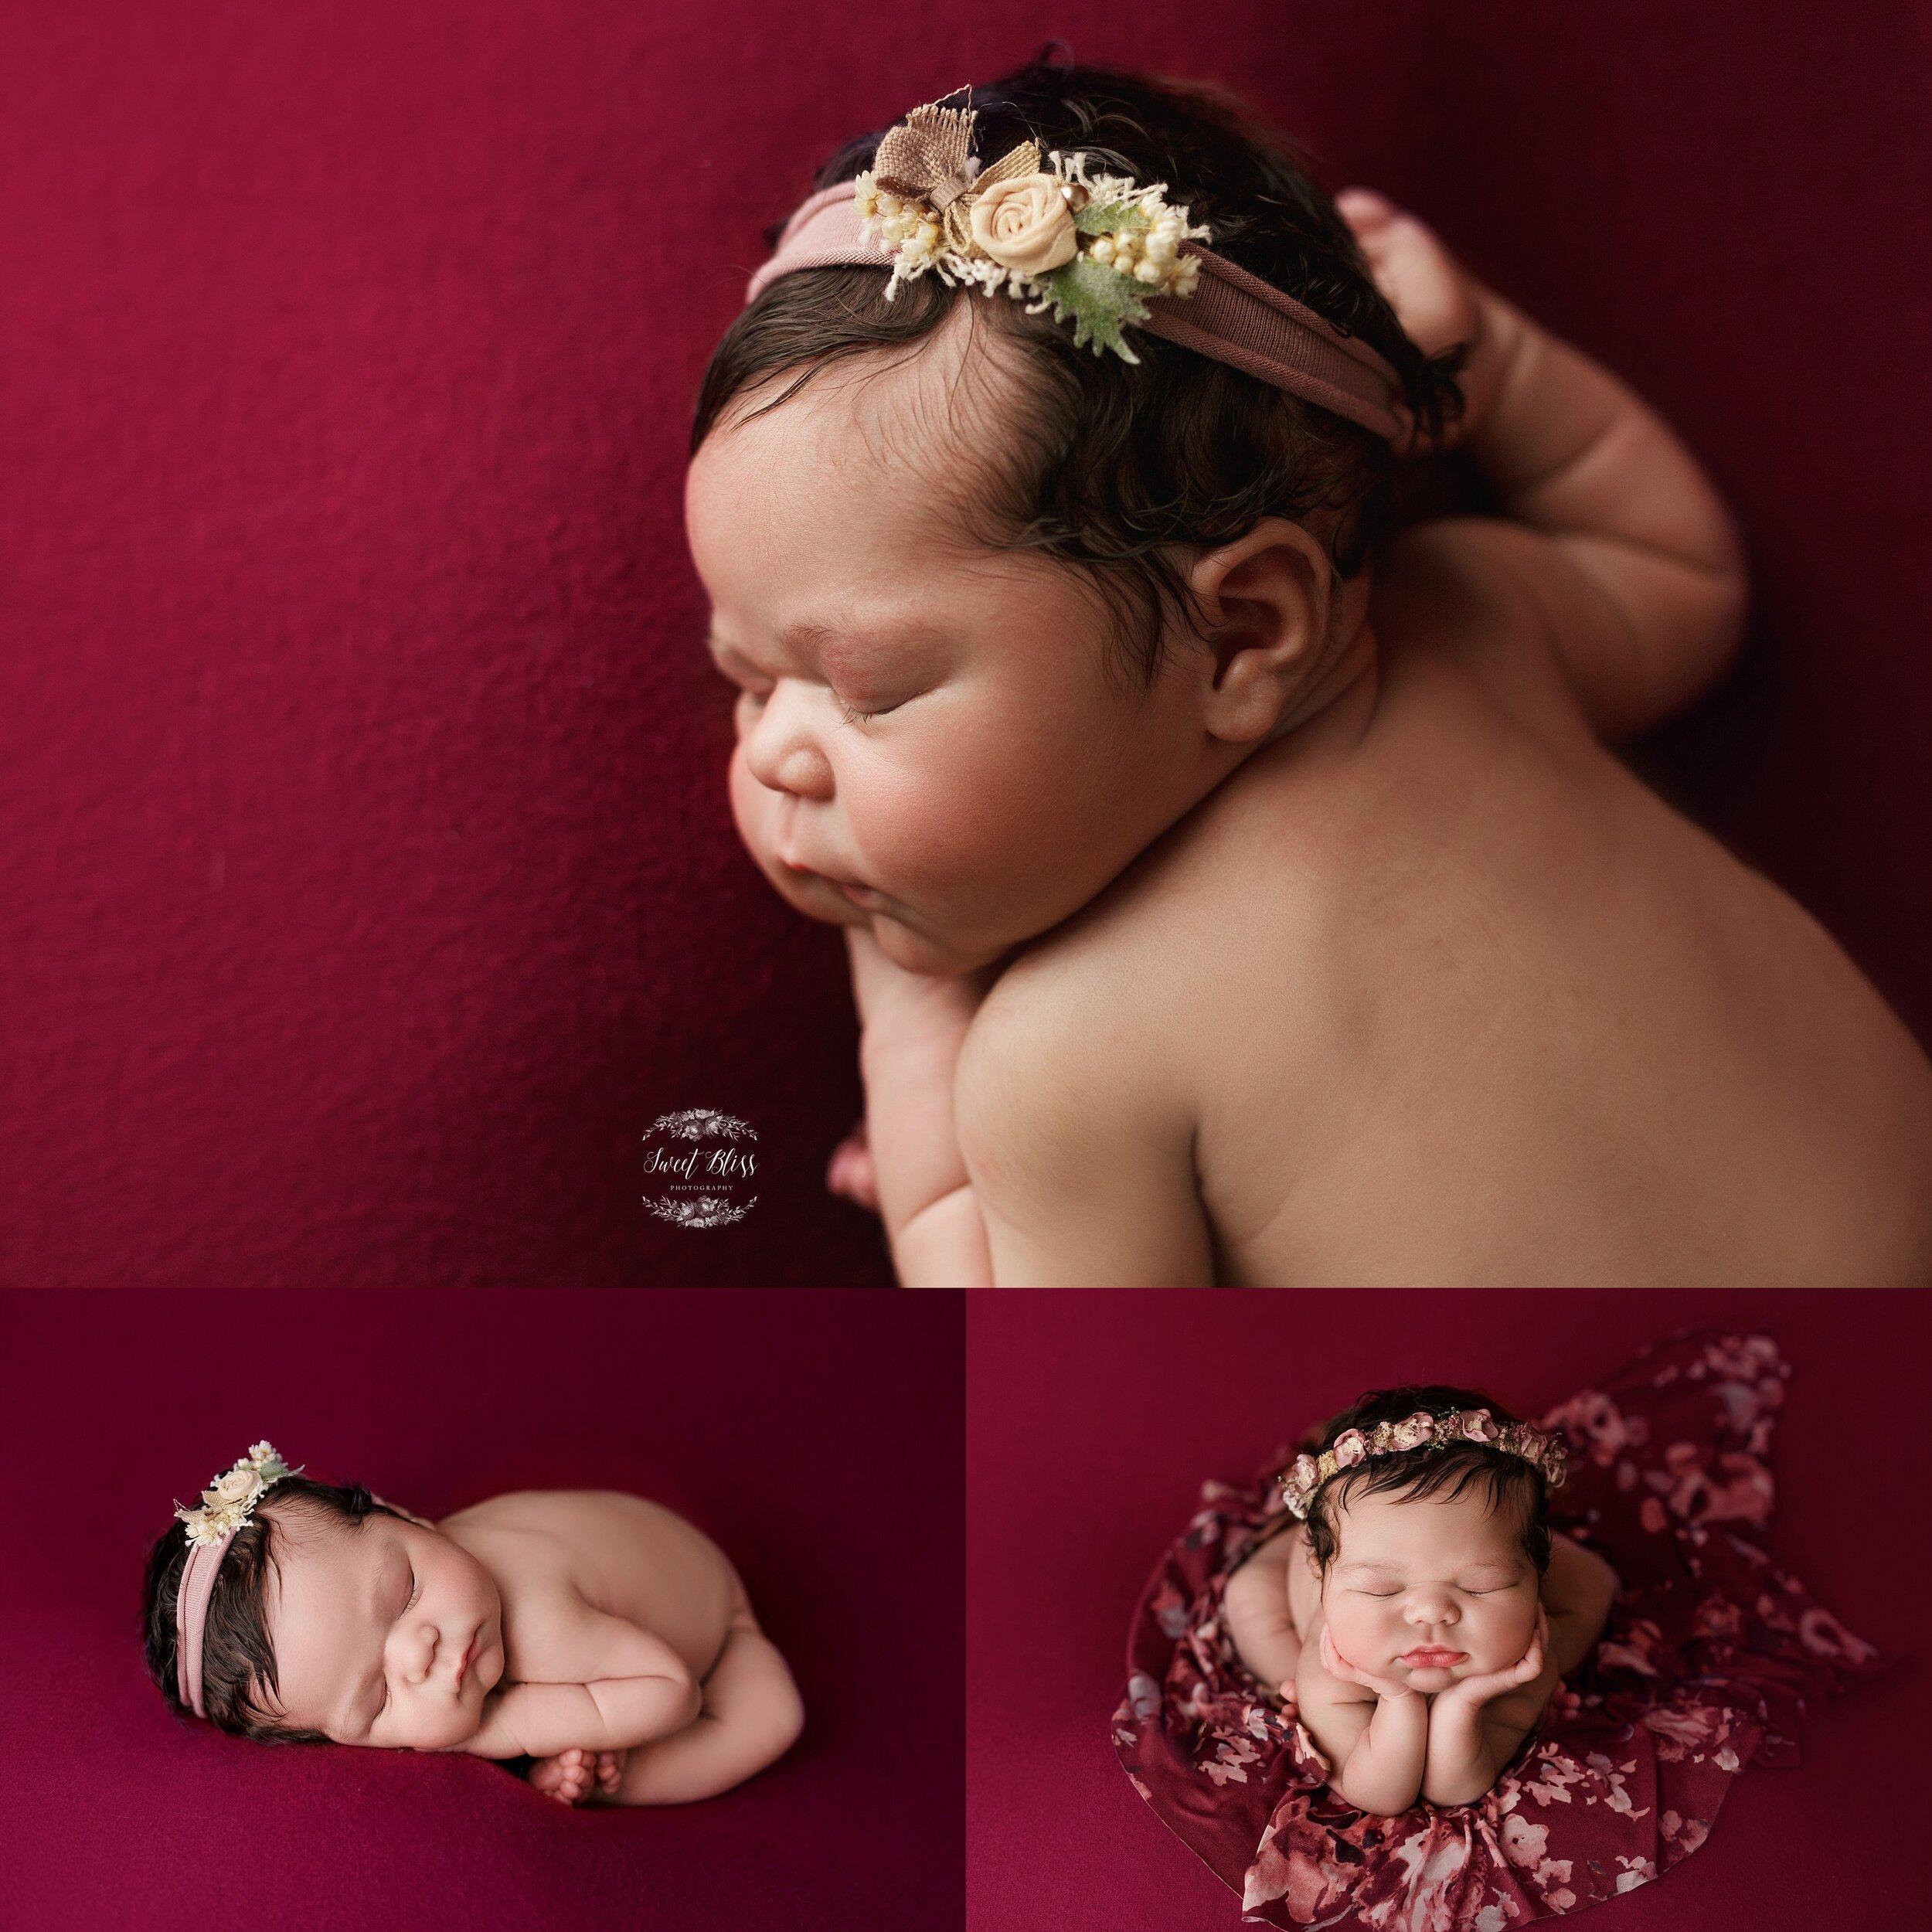 newbornphotographermaryland_baltimorenewborn_sweetblissphoto-5.jpg